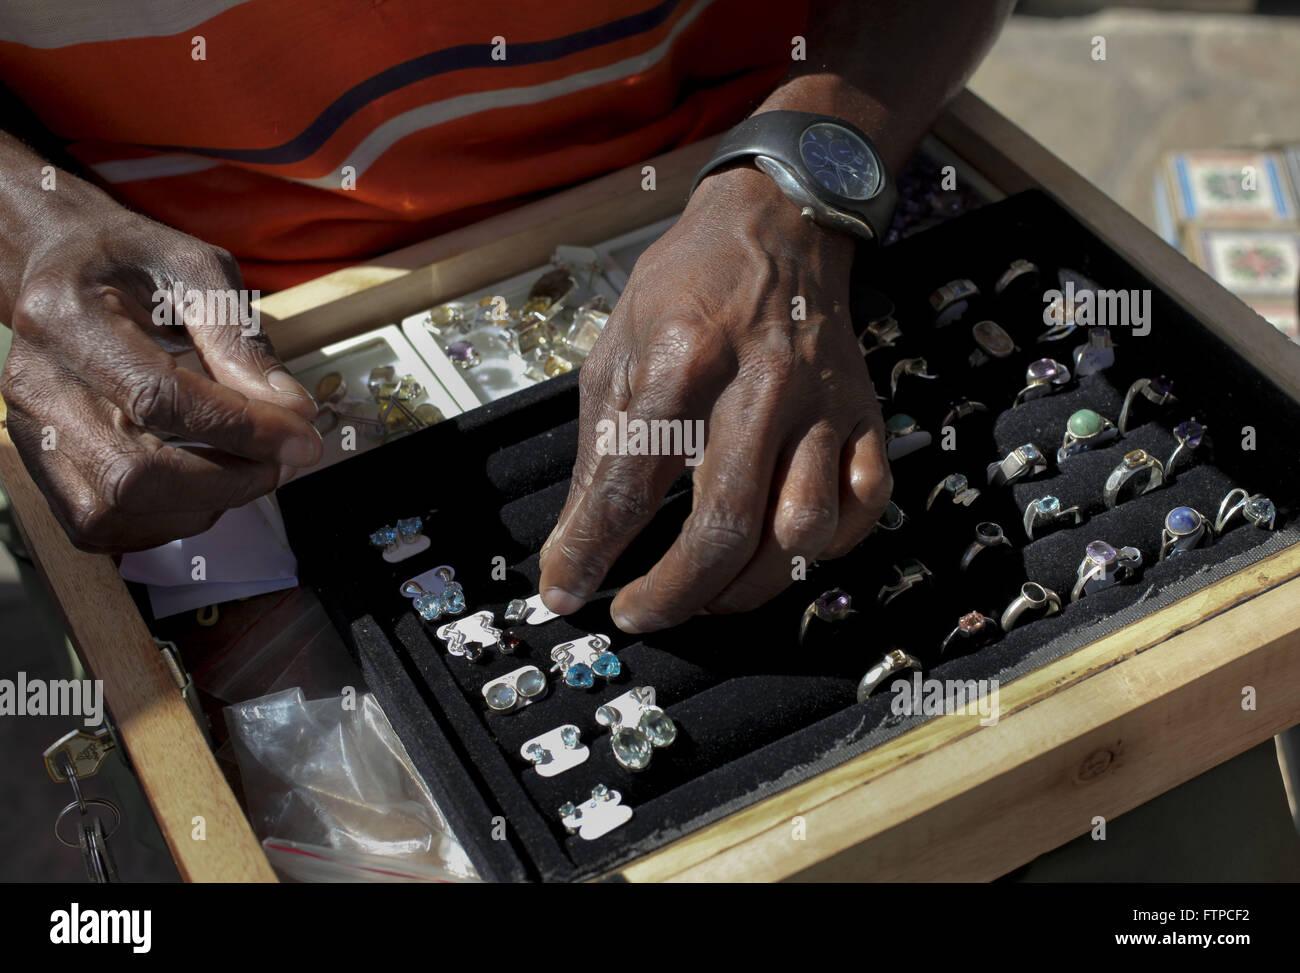 Venta de joyas en la feria artesanal en la ciudad de Ouro Preto - MG Foto de stock